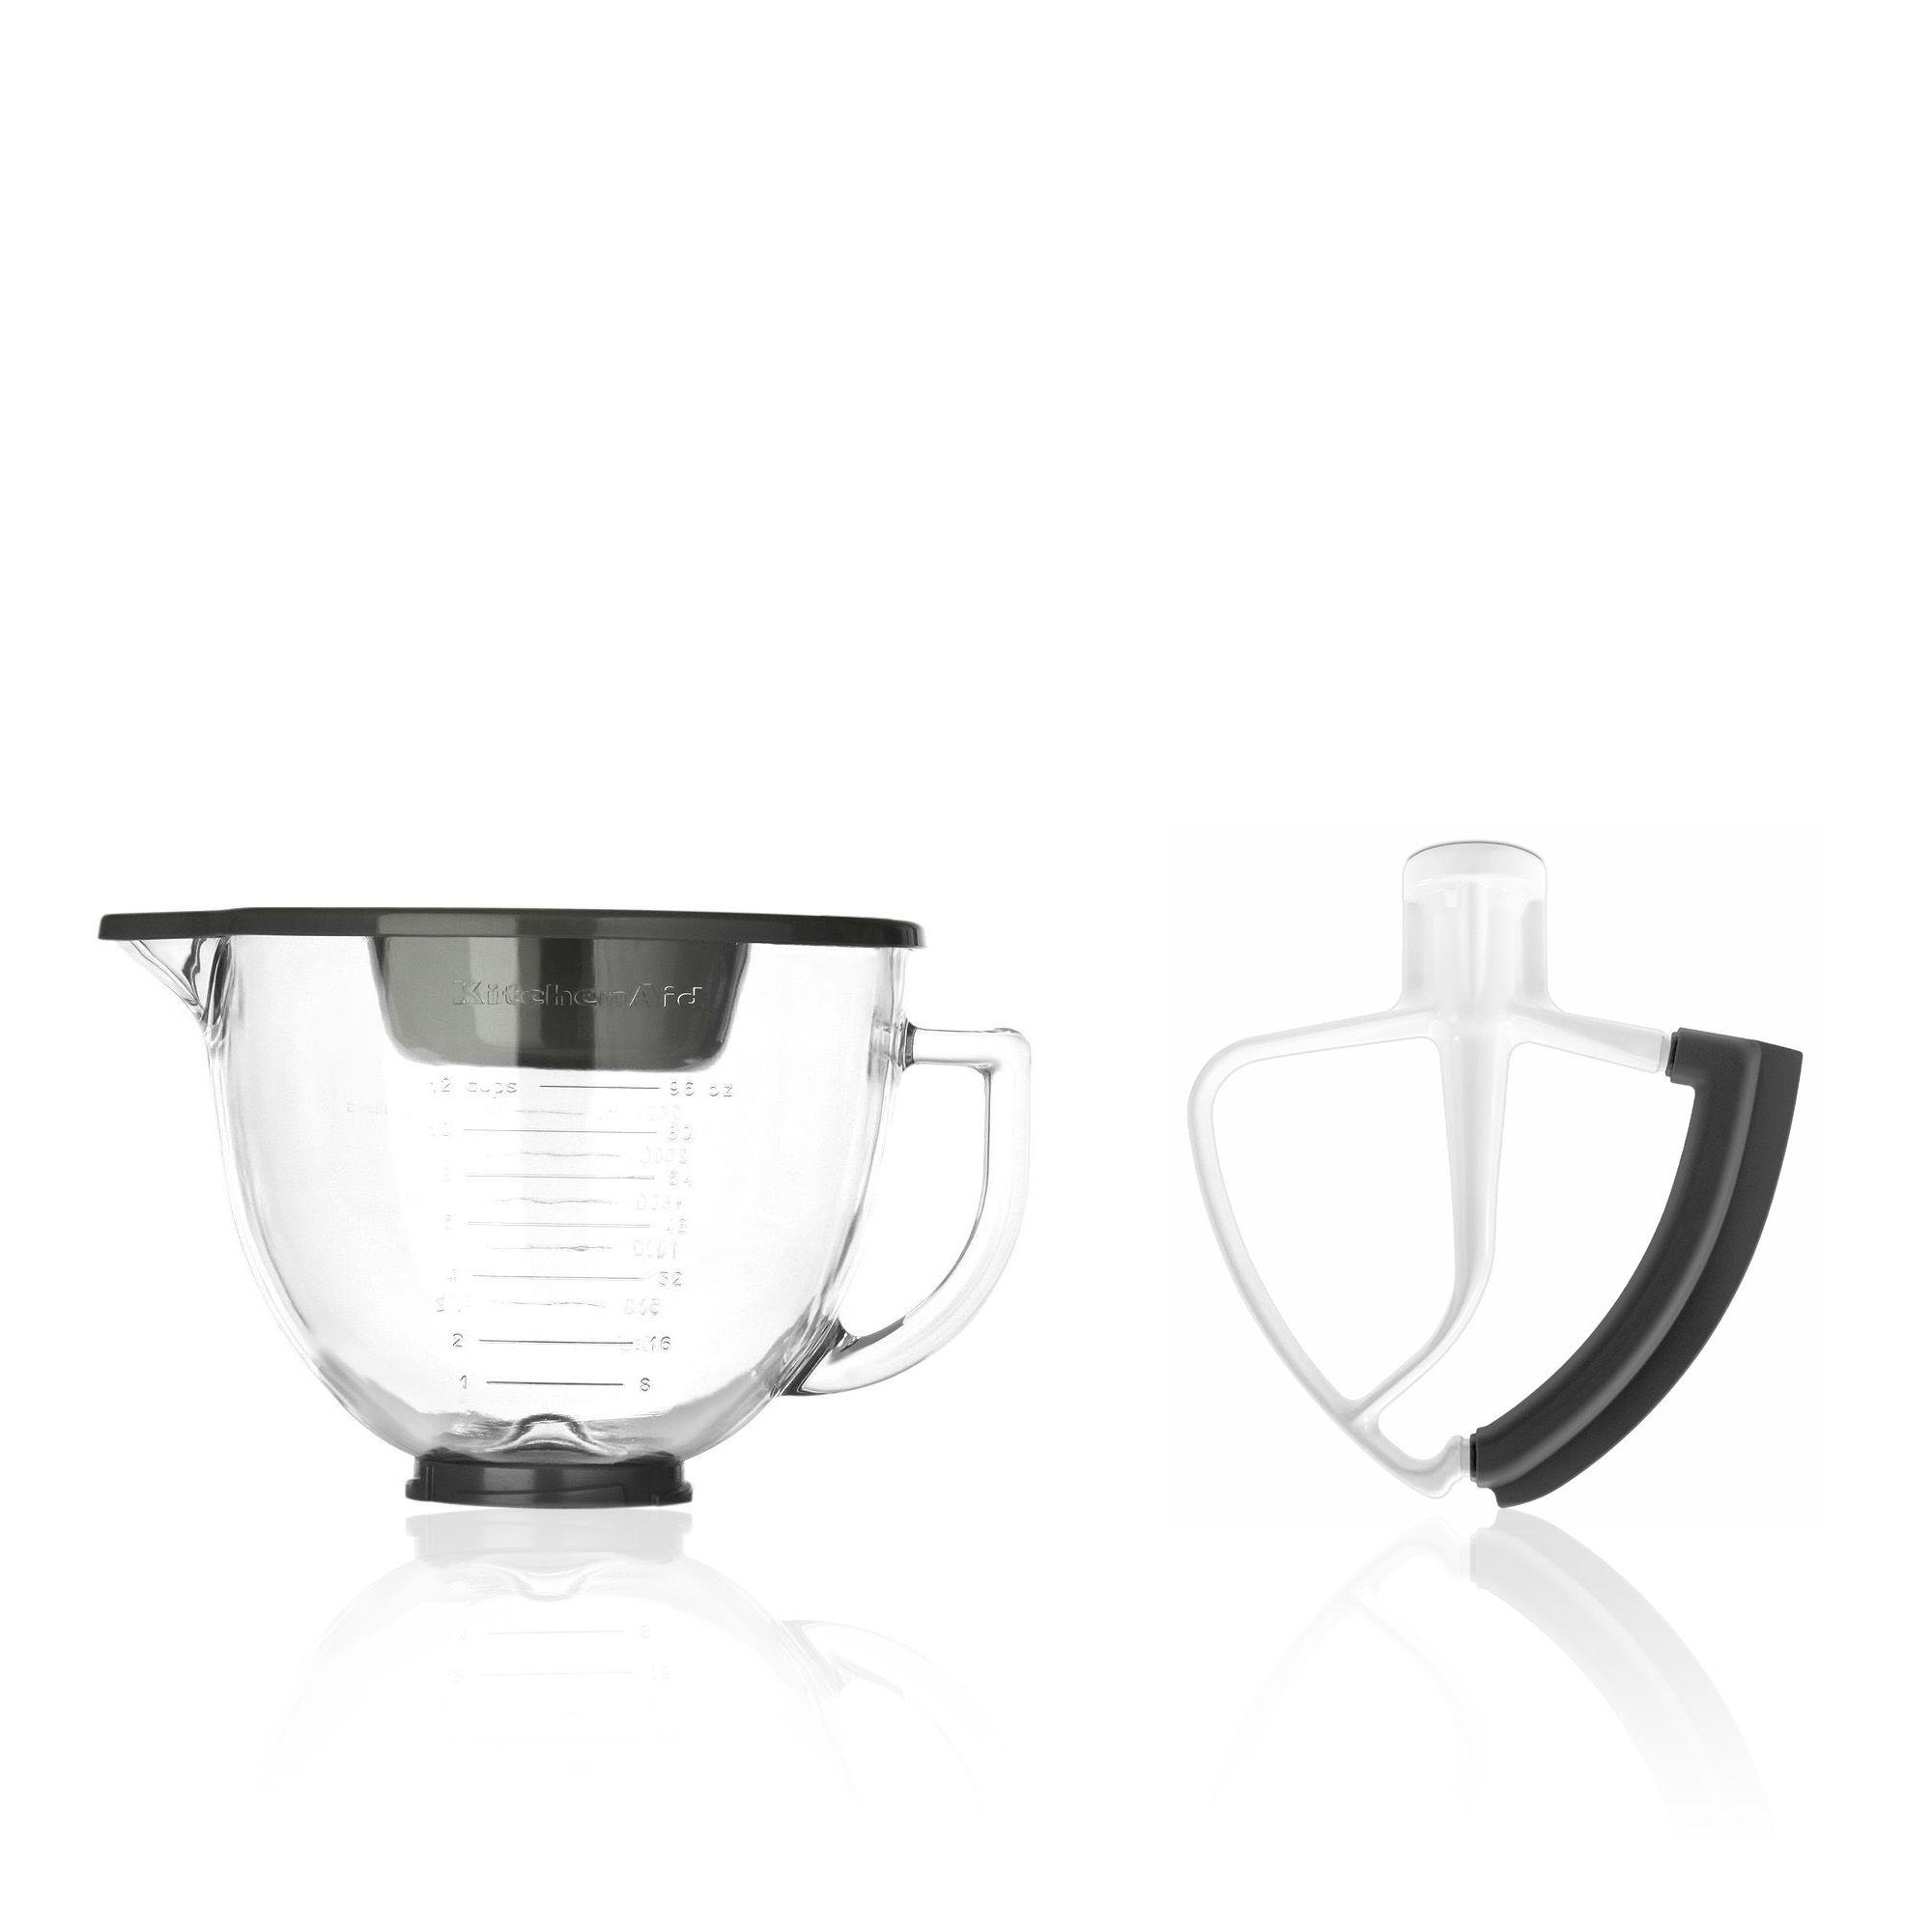 Set 2 accessori per impastatrice: ciotola e frusta piatta